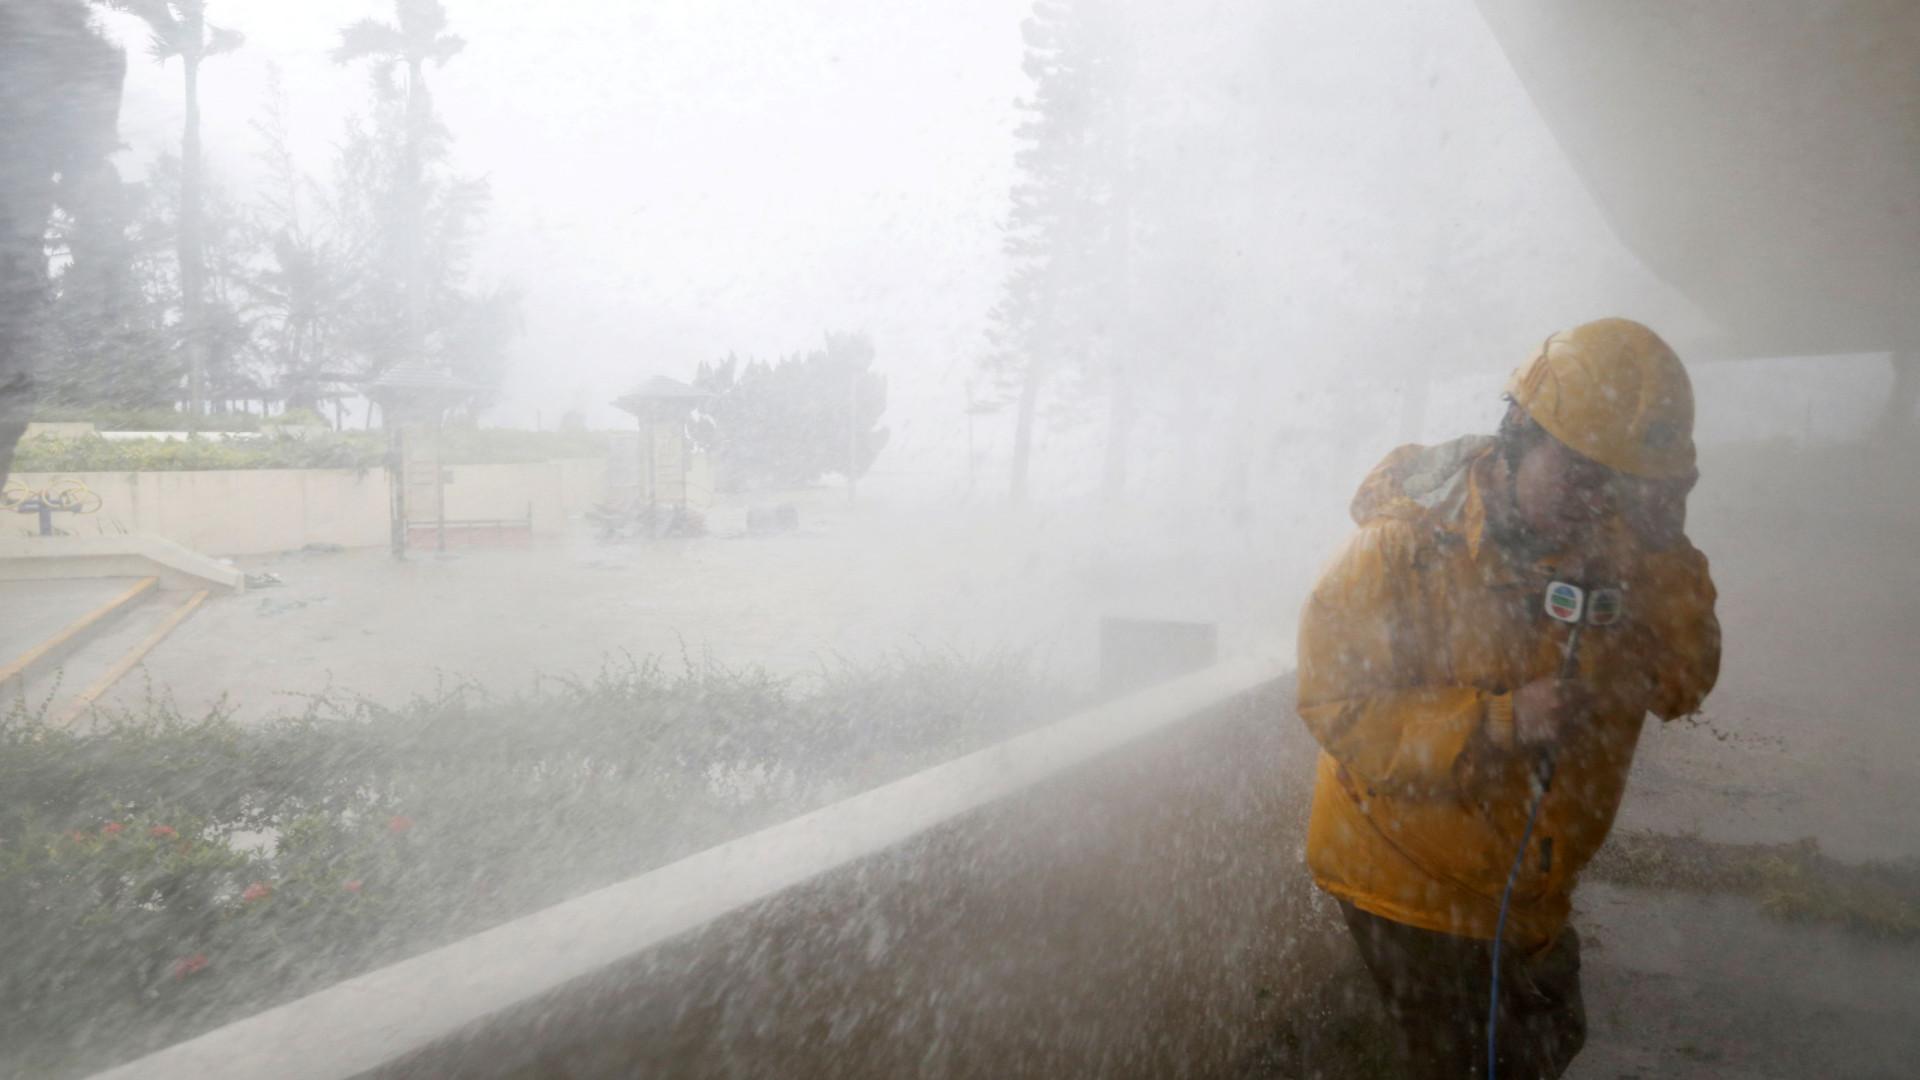 Autoridades de Macau reduzem para 8 o sinal de alerta de tempestade